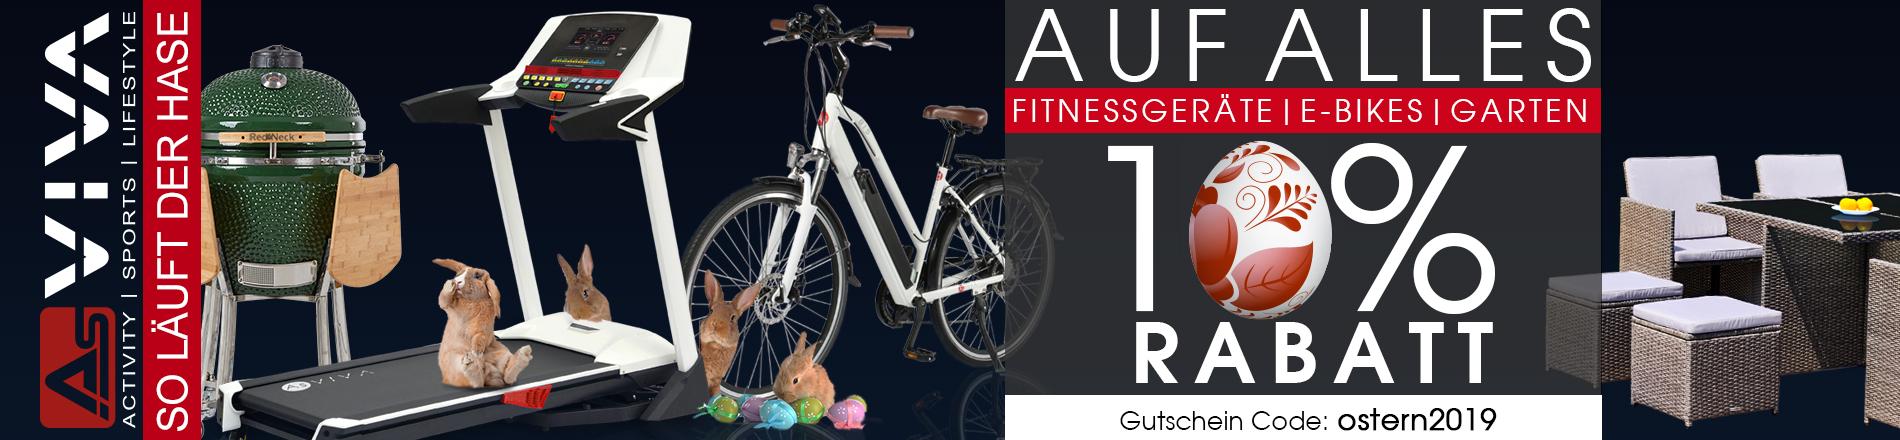 10% Oster-Rabatt-Gutschein für Fitnessgeräte, E-Bikes, Gartenmöbel & Keramikgrills im AsVIVA Online Shop.